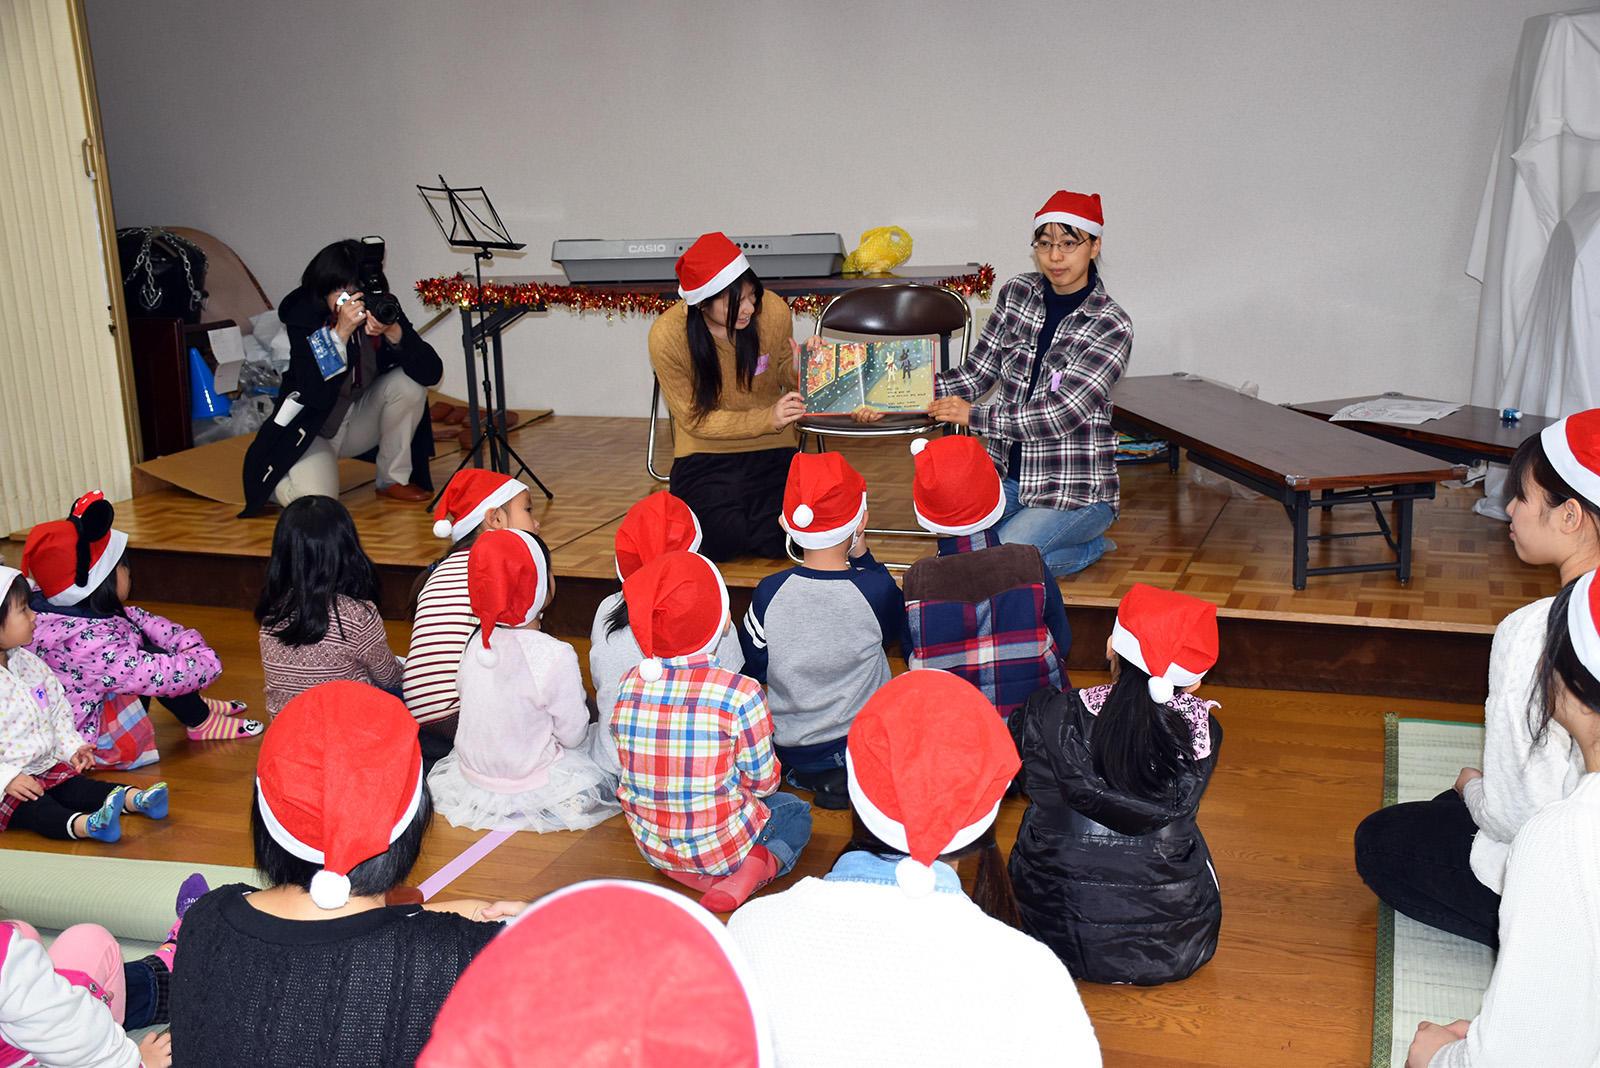 聖学院大学学生が、7年目の釜石復興支援ボランティアツアー「サンタプロジェクト7」を企画~釜石市の方々との郷土料理づくりや対話、子どもたちの交流を実施~